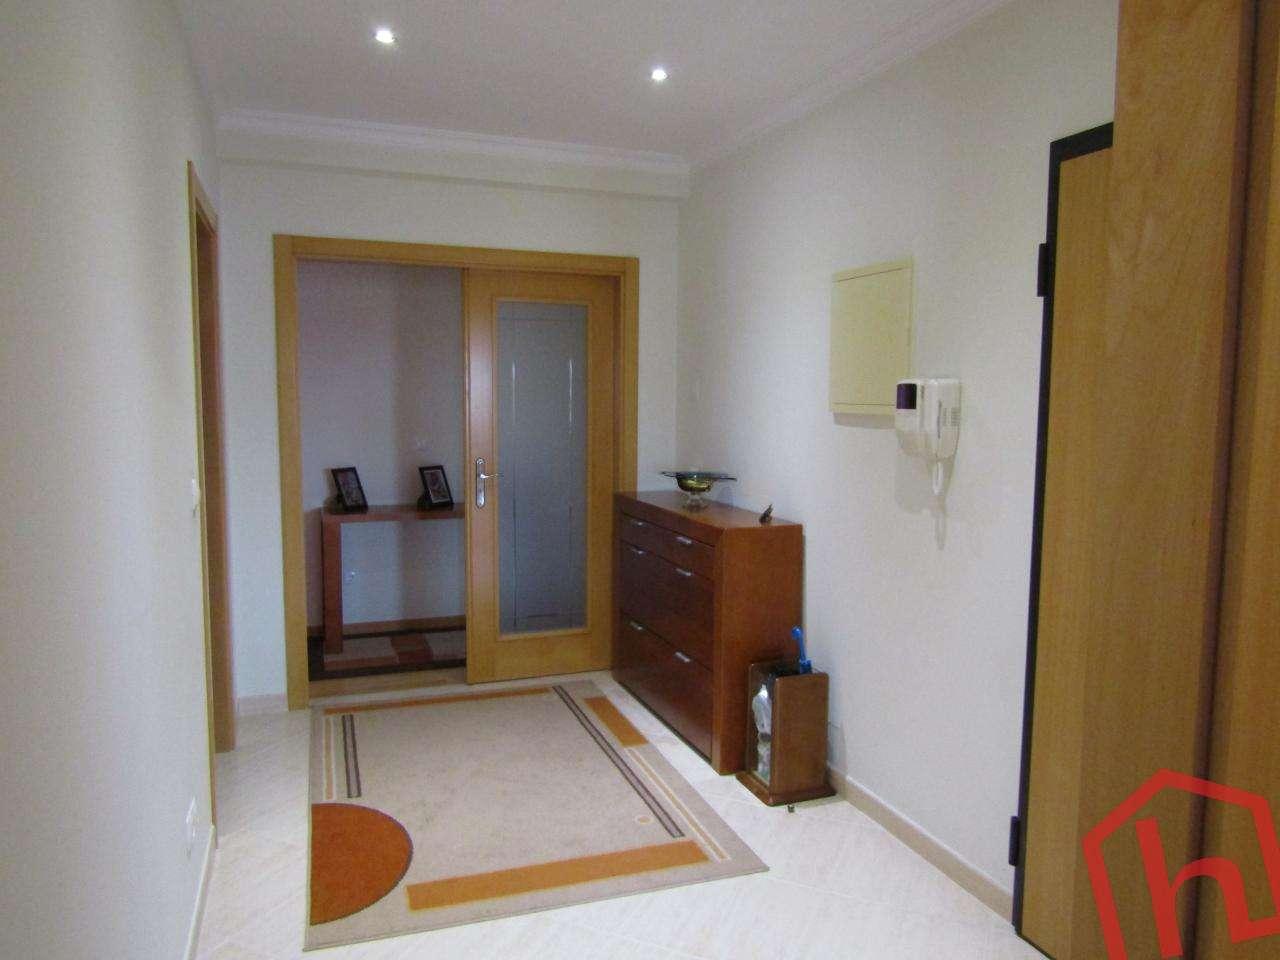 Apartamento para comprar, Samora Correia, Benavente, Santarém - Foto 8